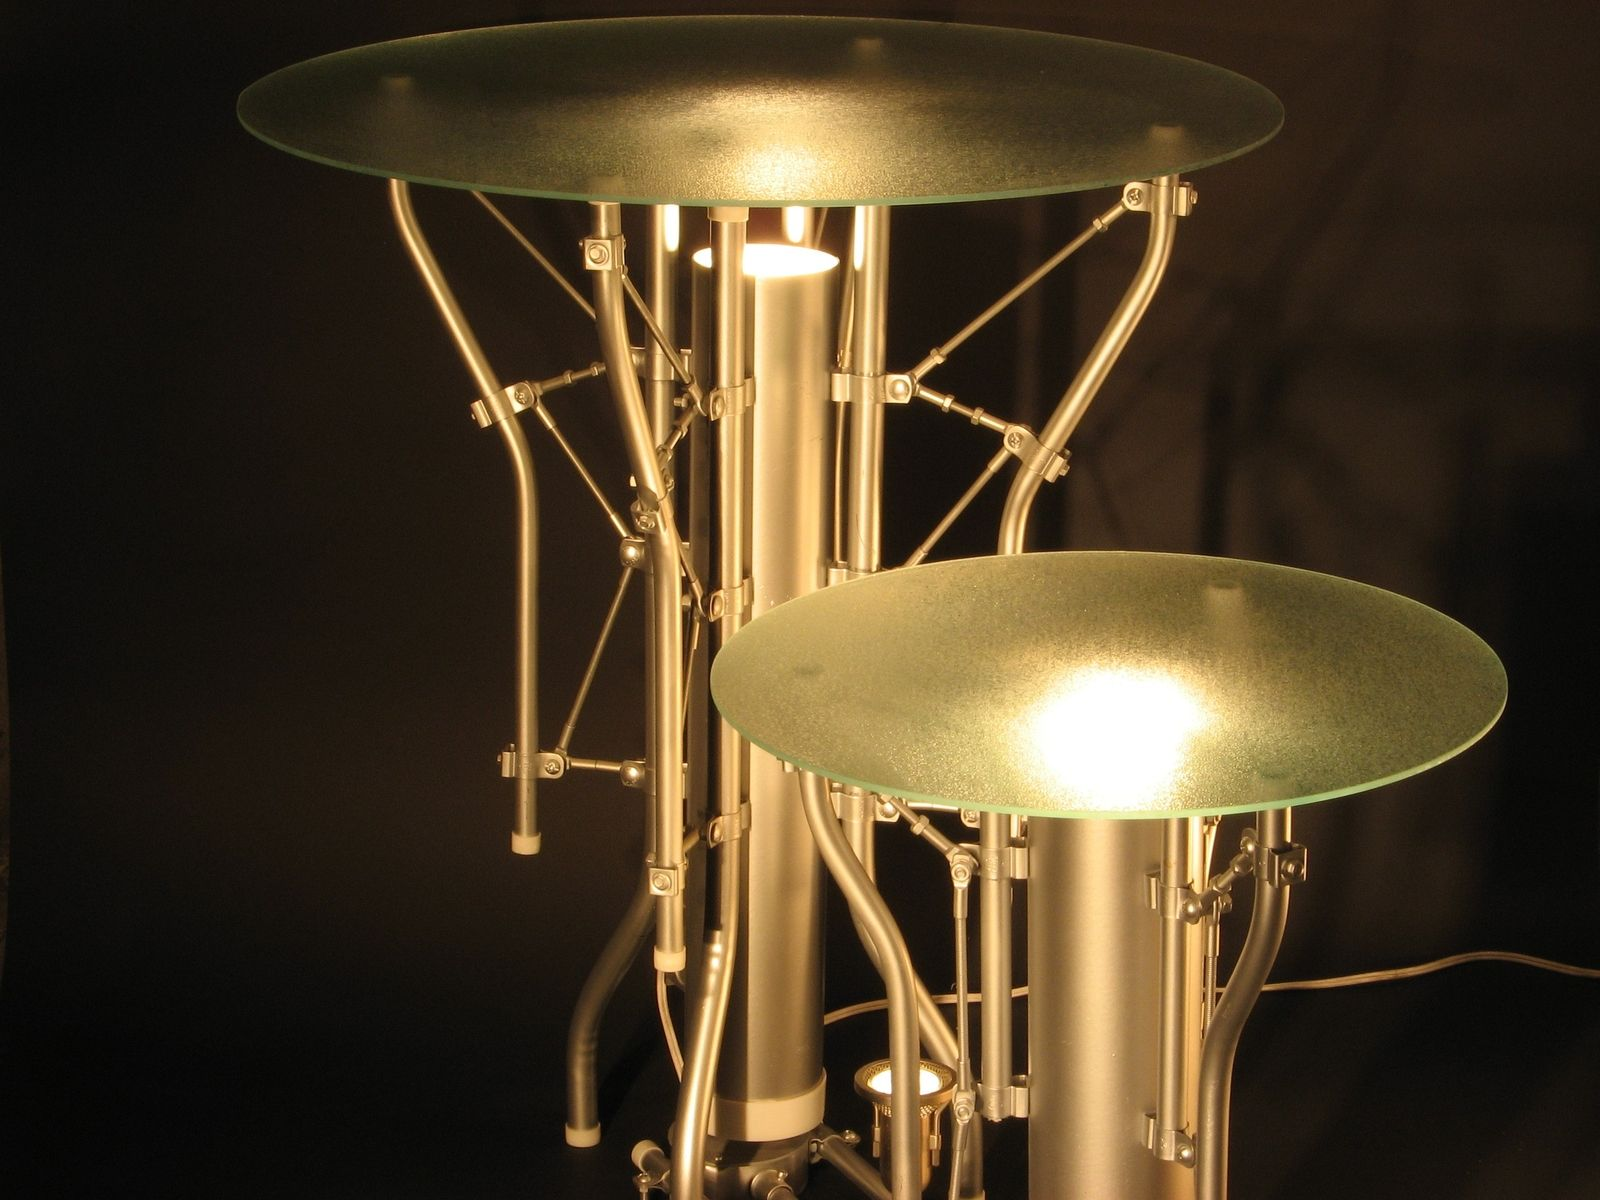 industrial contemporary lighting. Custom Made Industrial Contemporary Eclectic Art Sculpture End Table Light Lighting I